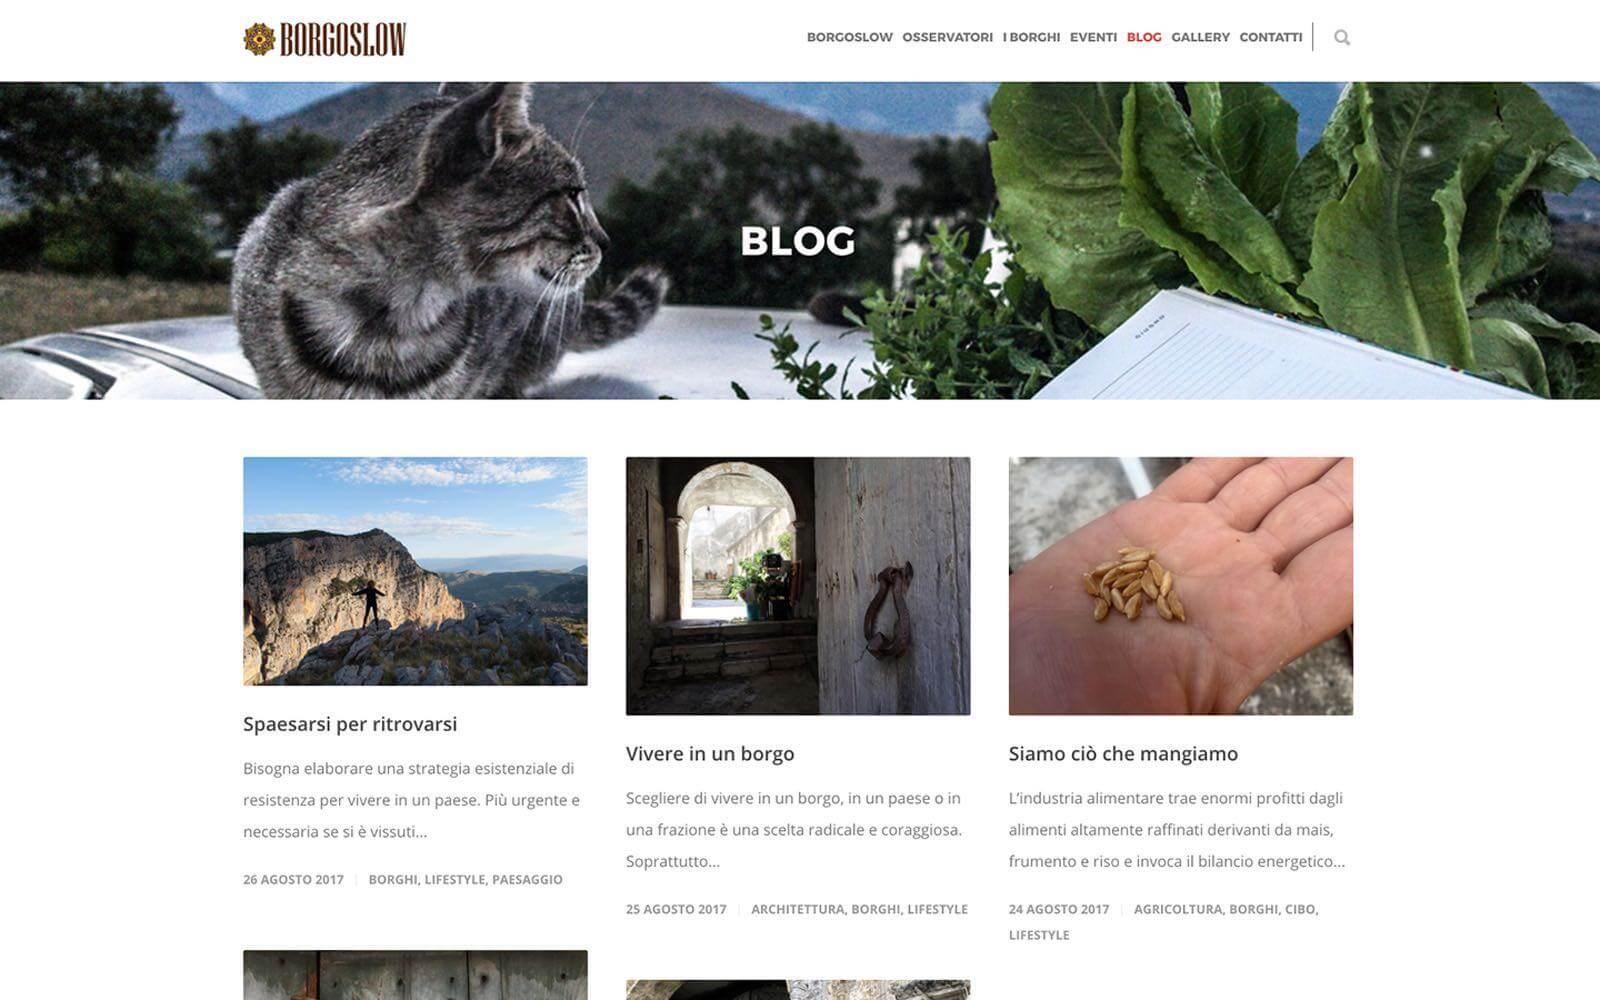 Borgoslow – Sito web